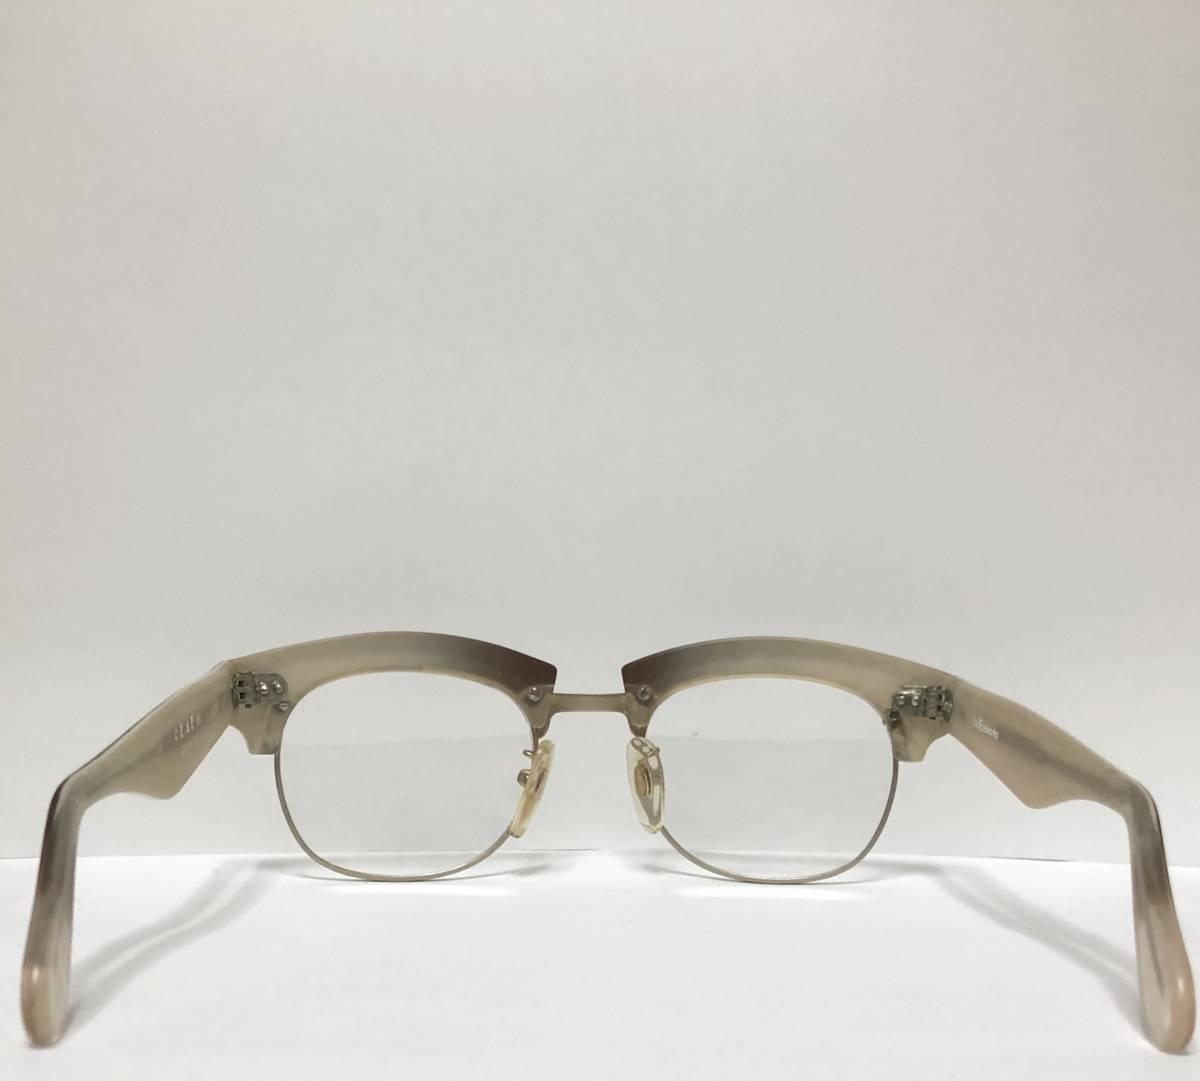 【ビンテージ・新品】1990年代 l.a. Eyeworks イタリア製 高級メガネ エルエーアイワークス ギガンター /ヴィンテージ 米国ブランド_画像7